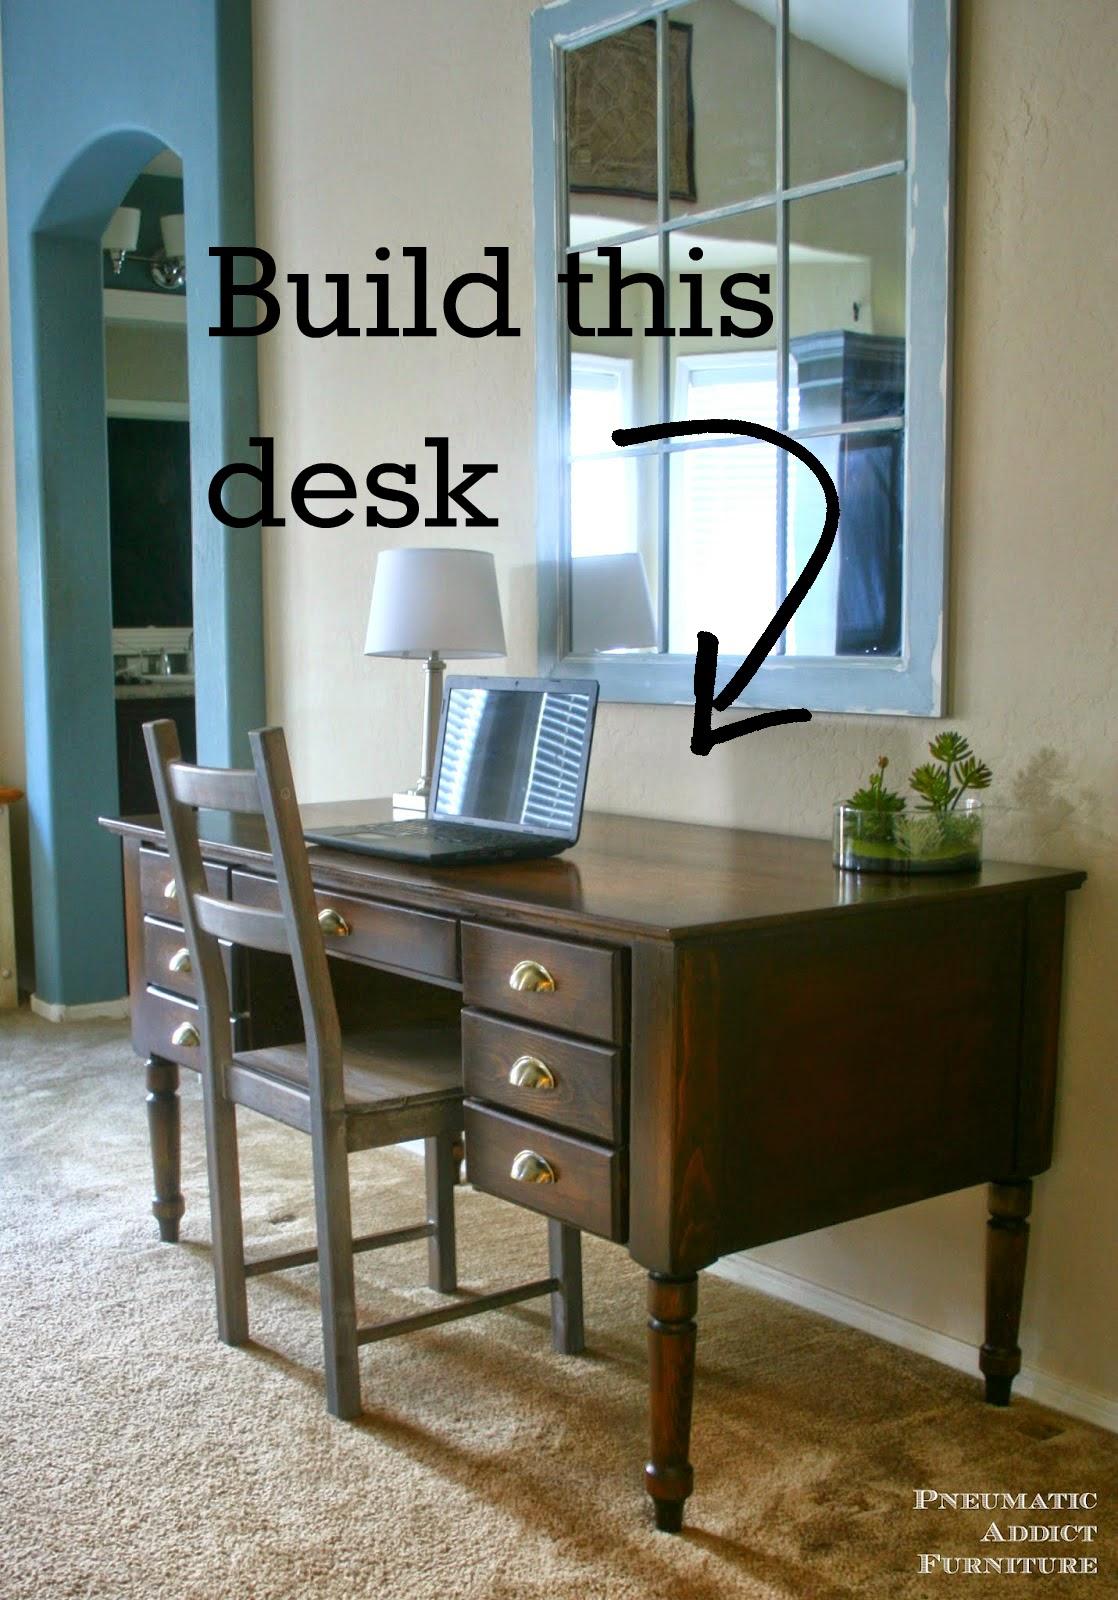 Bon Donu0027t Spend Hundreds On A Designer Desk! Build You Own, Solid Wood